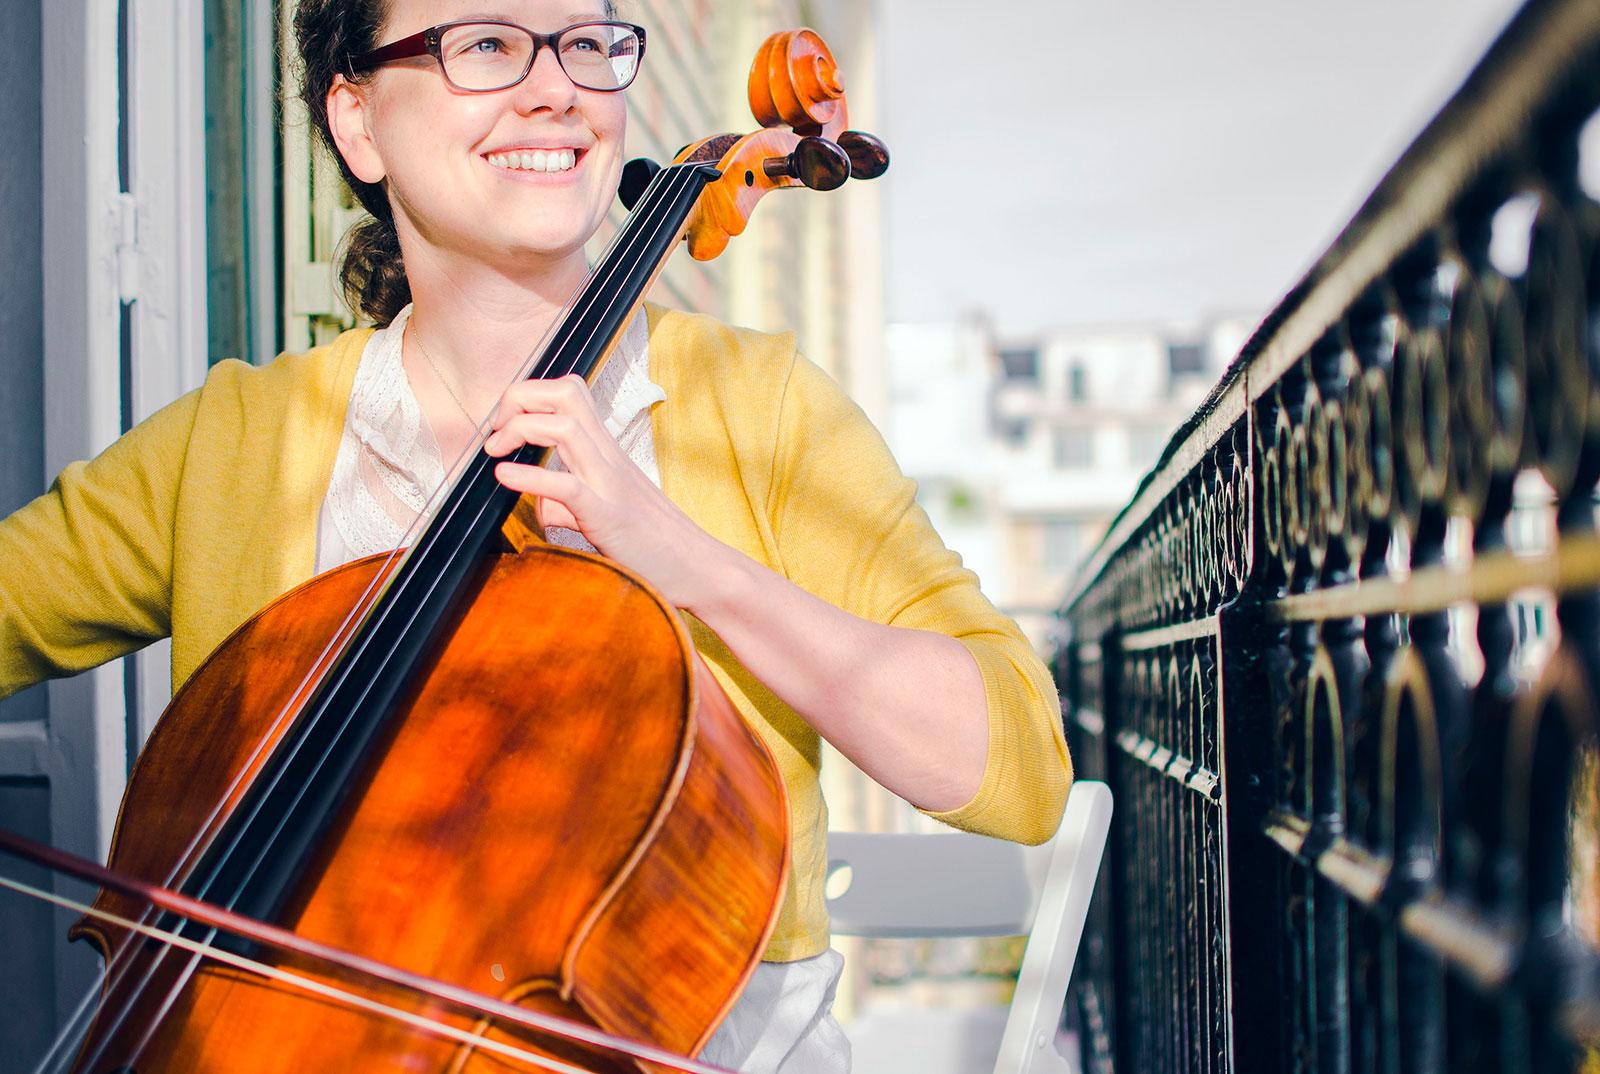 Chica tocando violonchelo